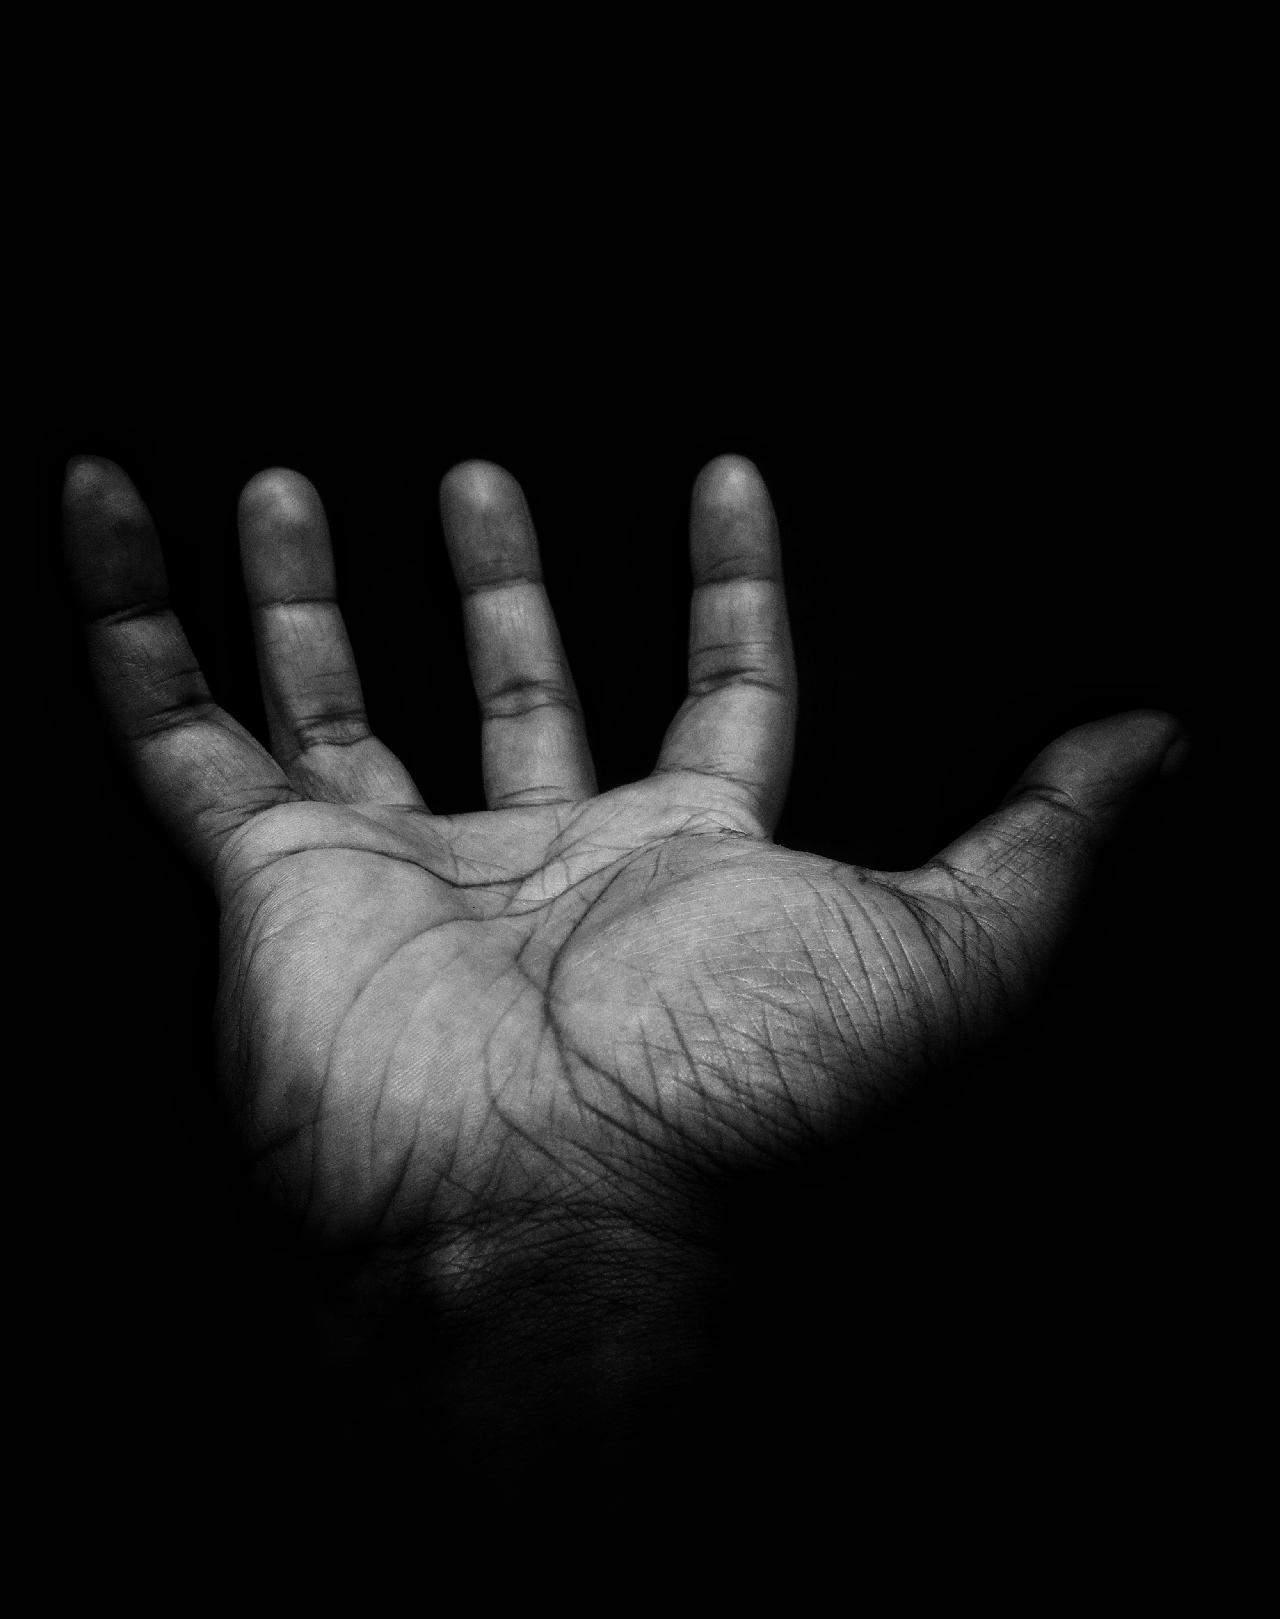 Hand als Symbol fuer Unterstuetzung